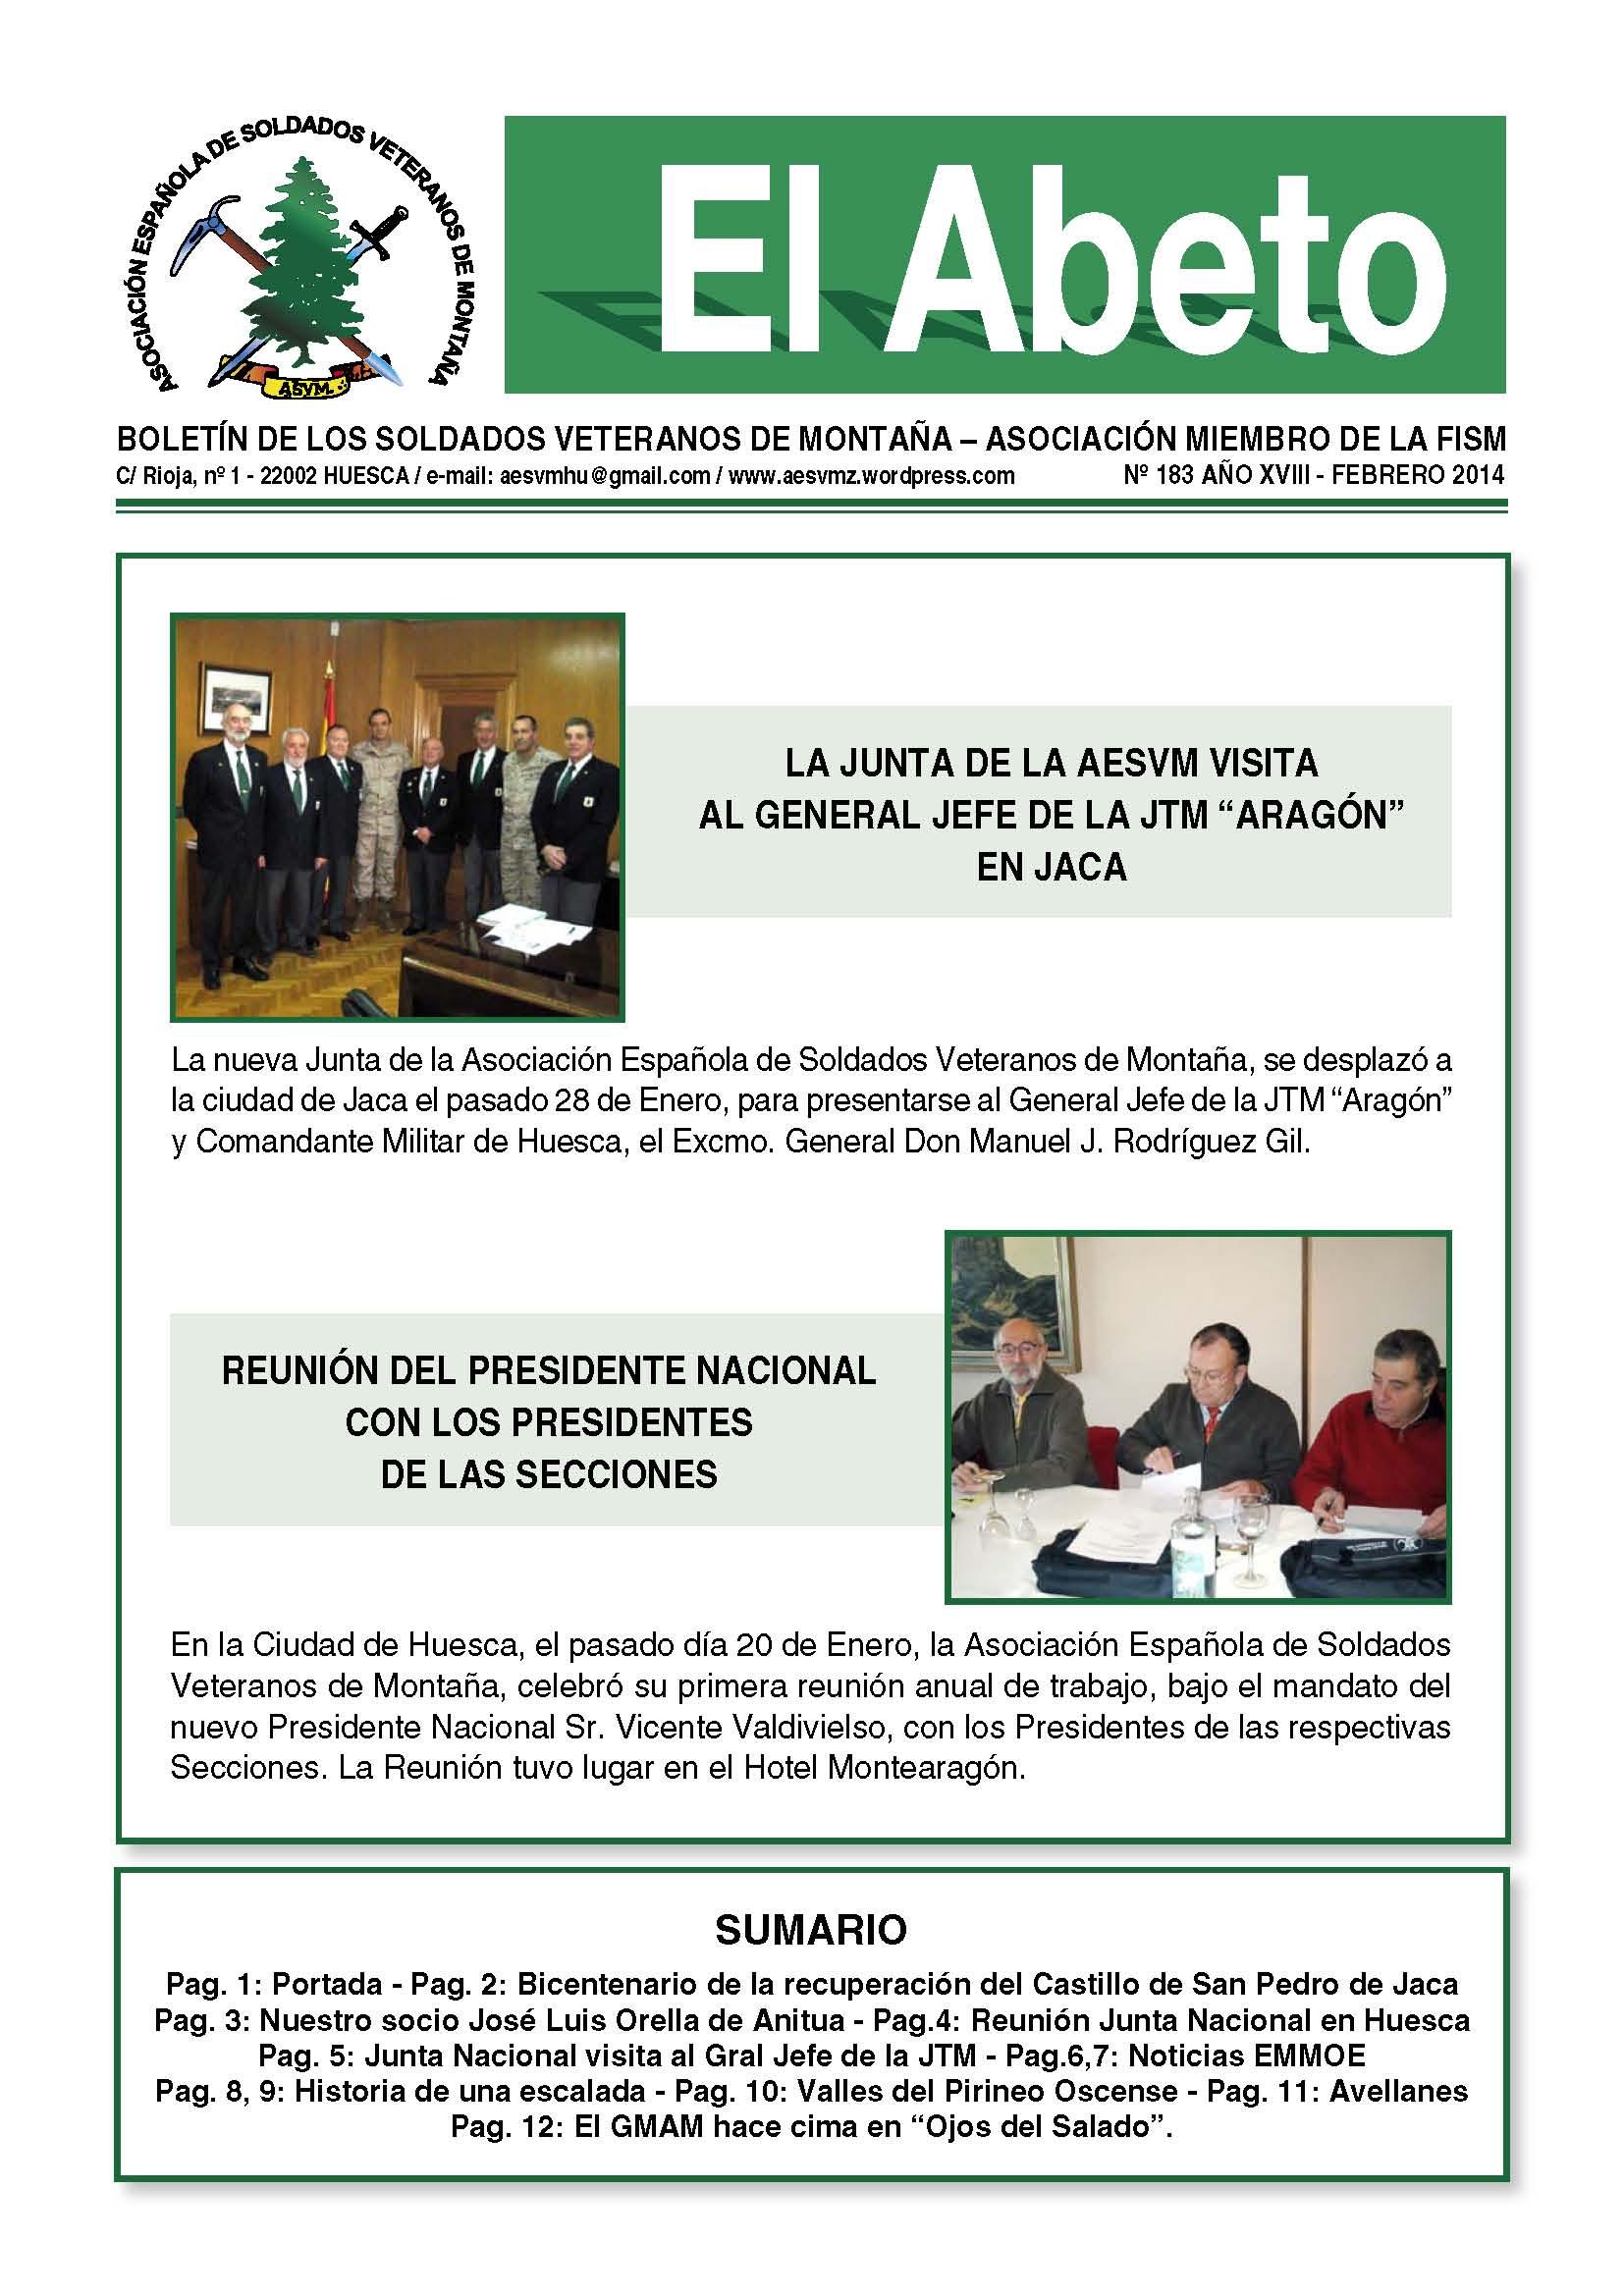 Revista EL ABETO núm. 183